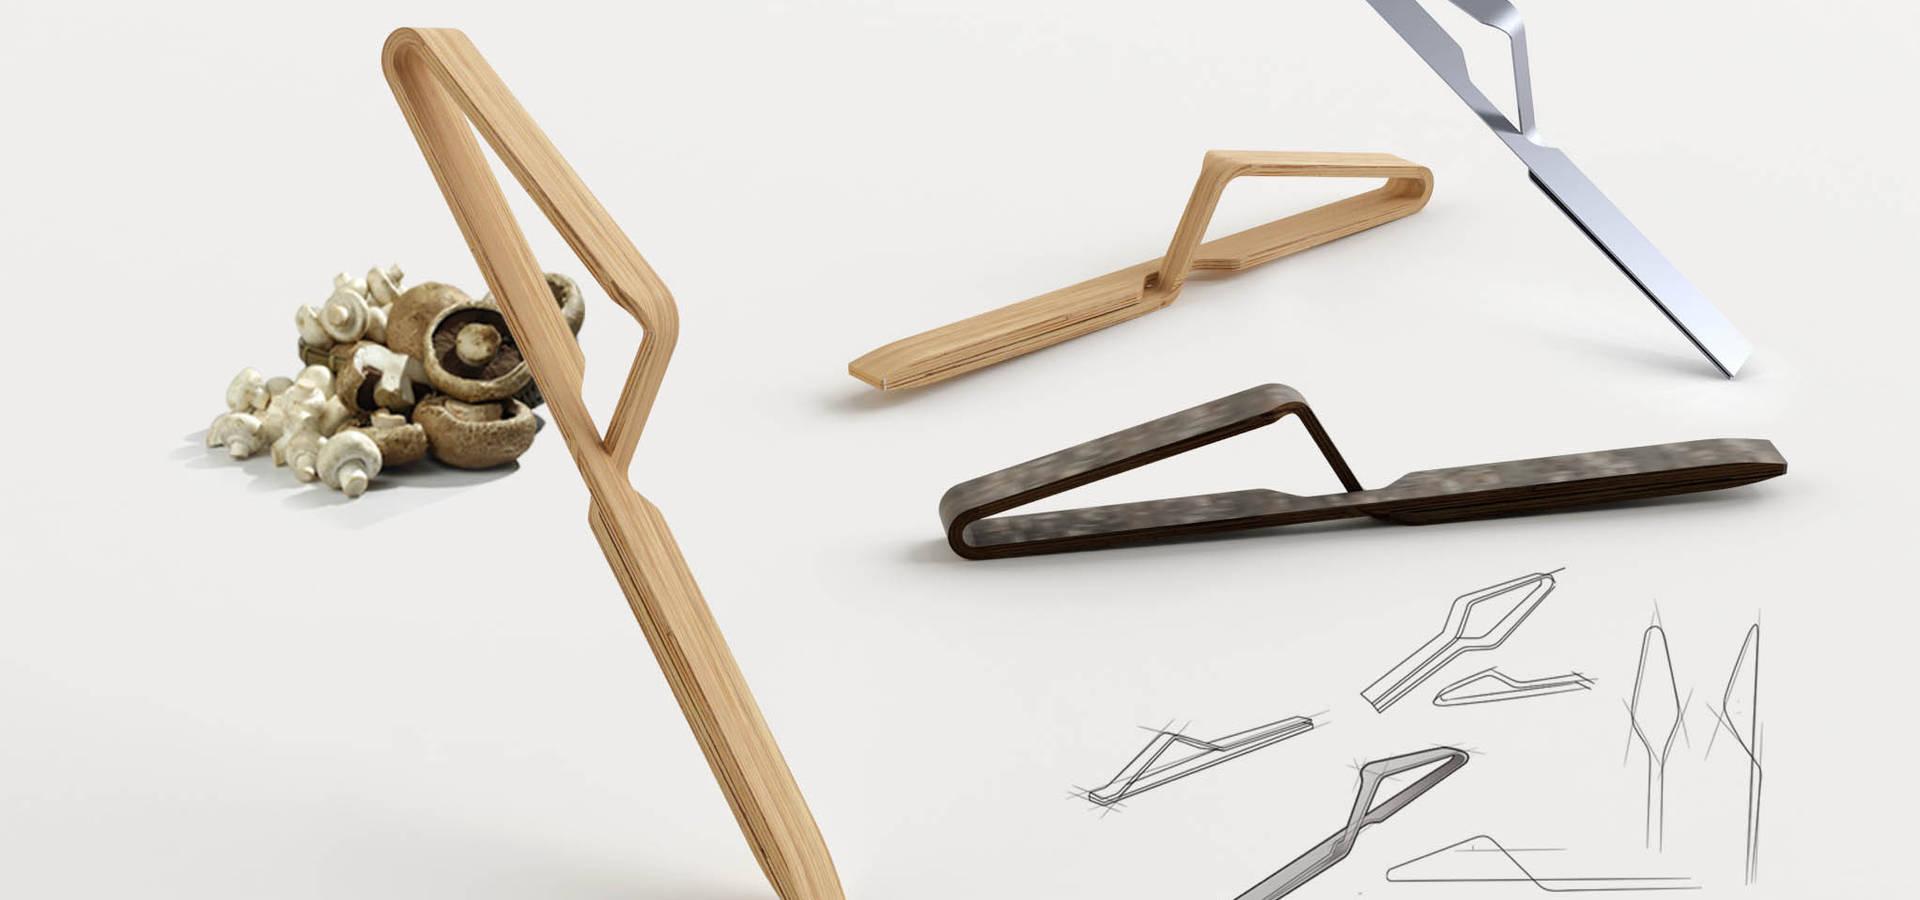 CARRASCOBARCELO design studio